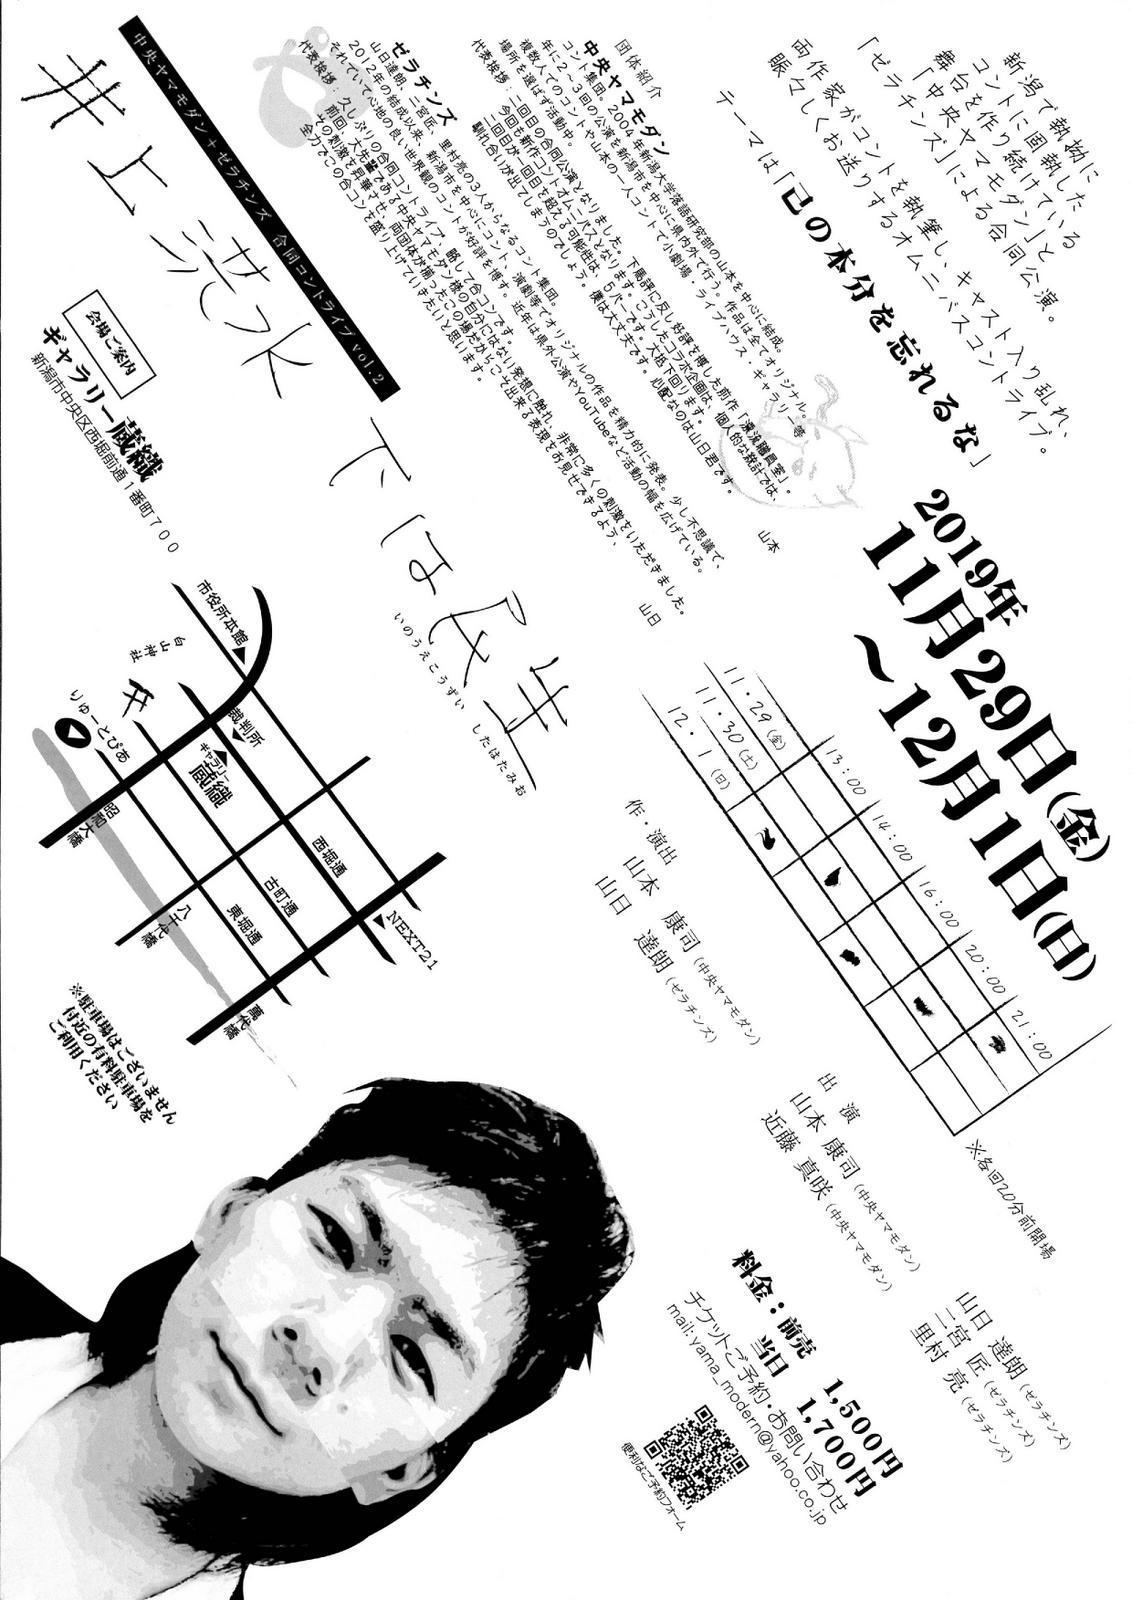 ビバ新発田市!!ぜひ蕗谷虹児記念館へ!_e0046190_17343994.jpg